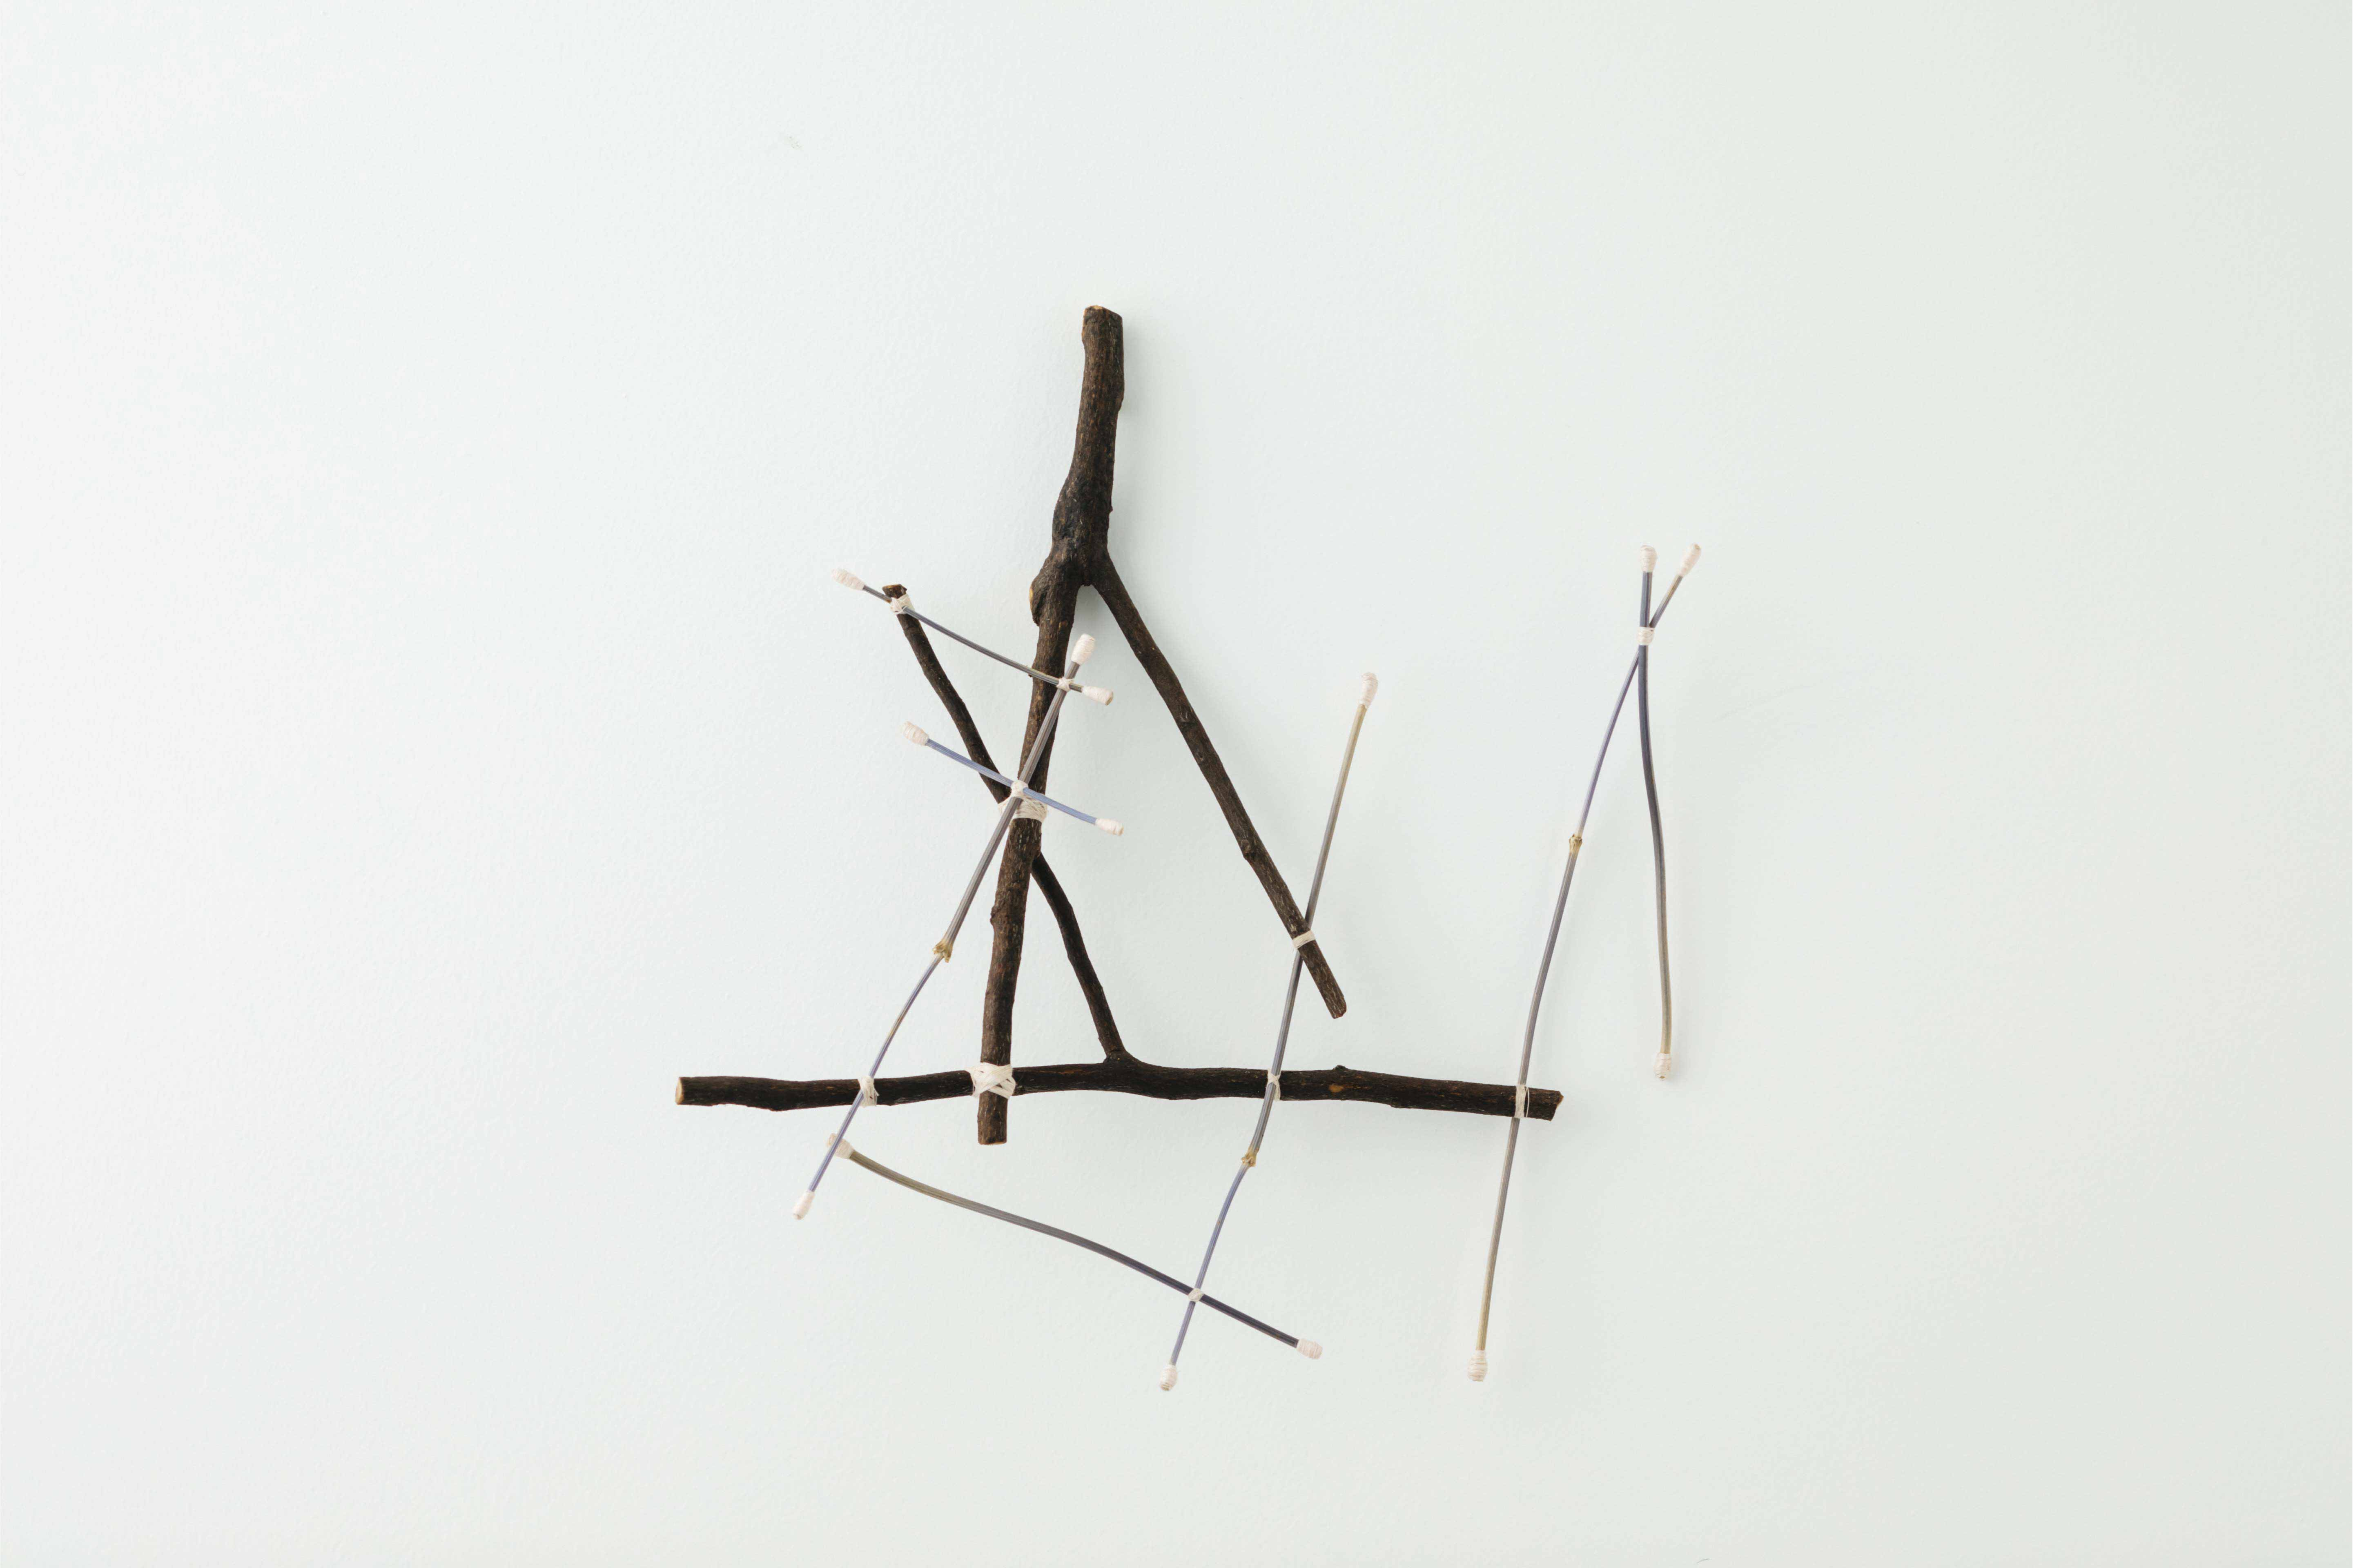 企画展《TO SEE Archive:16》<br>ハナノエン / 野田幸江 展<br>『カケラ、カタマリ、線、重力、時』